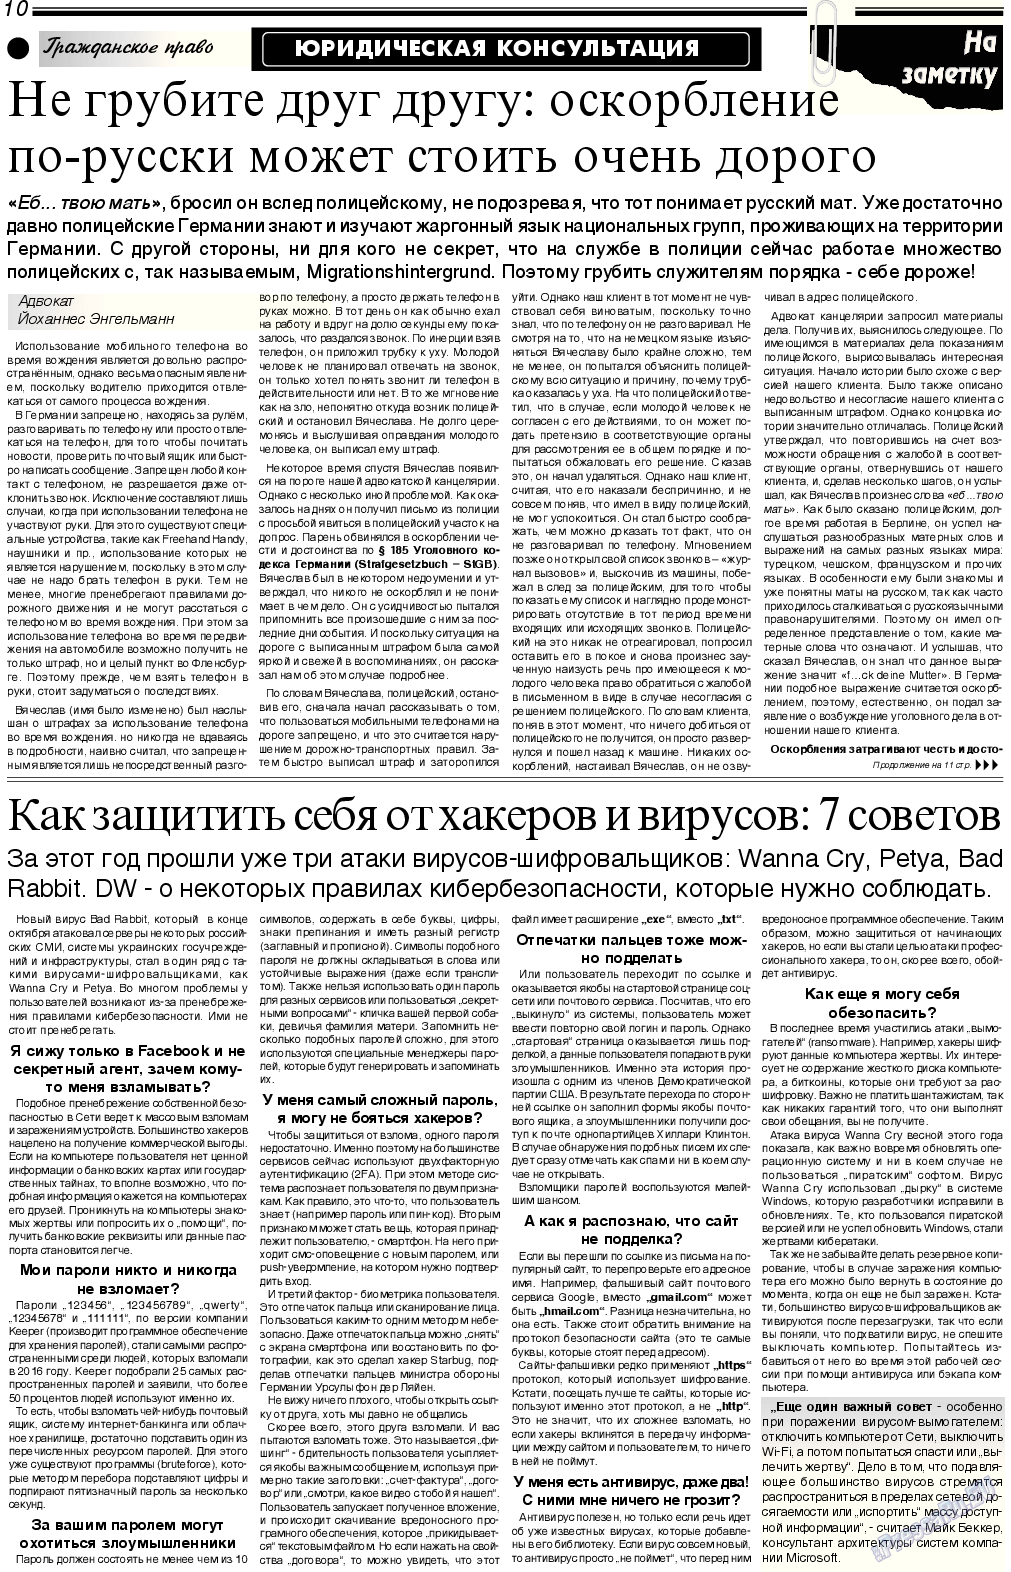 Вечерняя газета (газета). 2017 год, номер 11, стр. 10